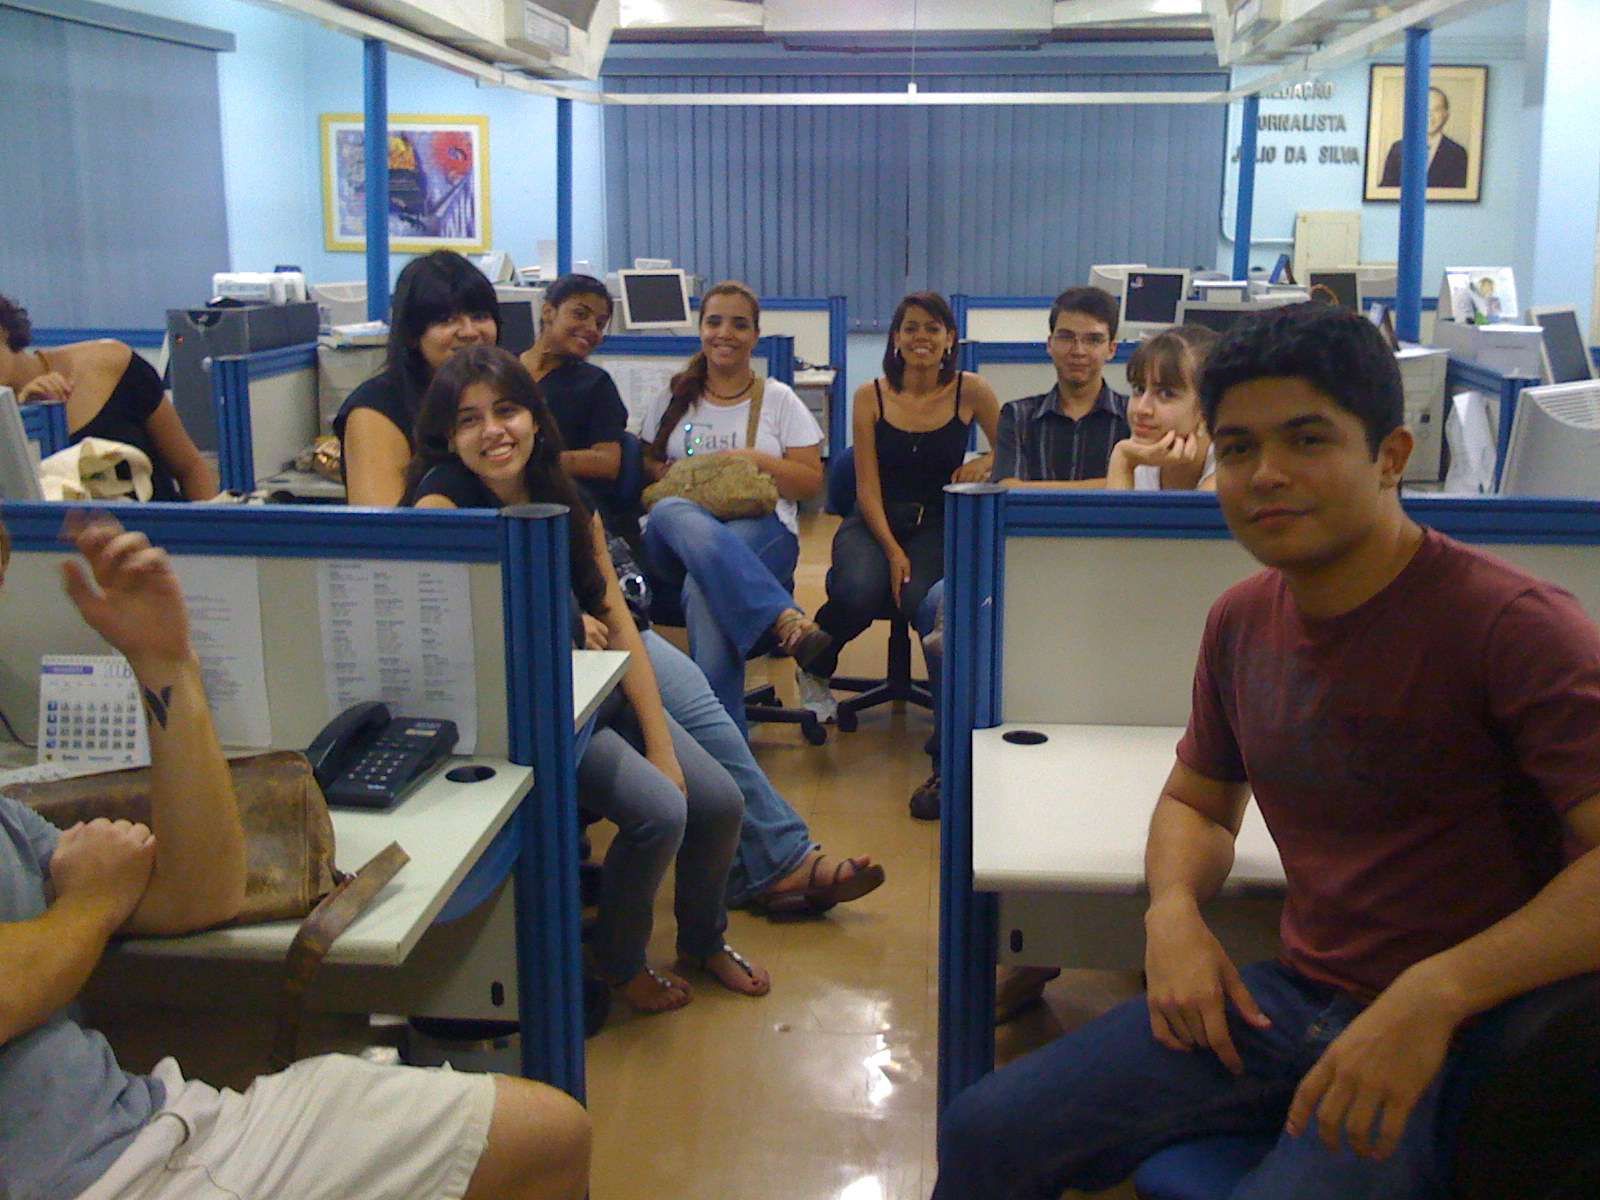 Visita dos estudantes de Jornalismo da UFMS no Correio do Estado